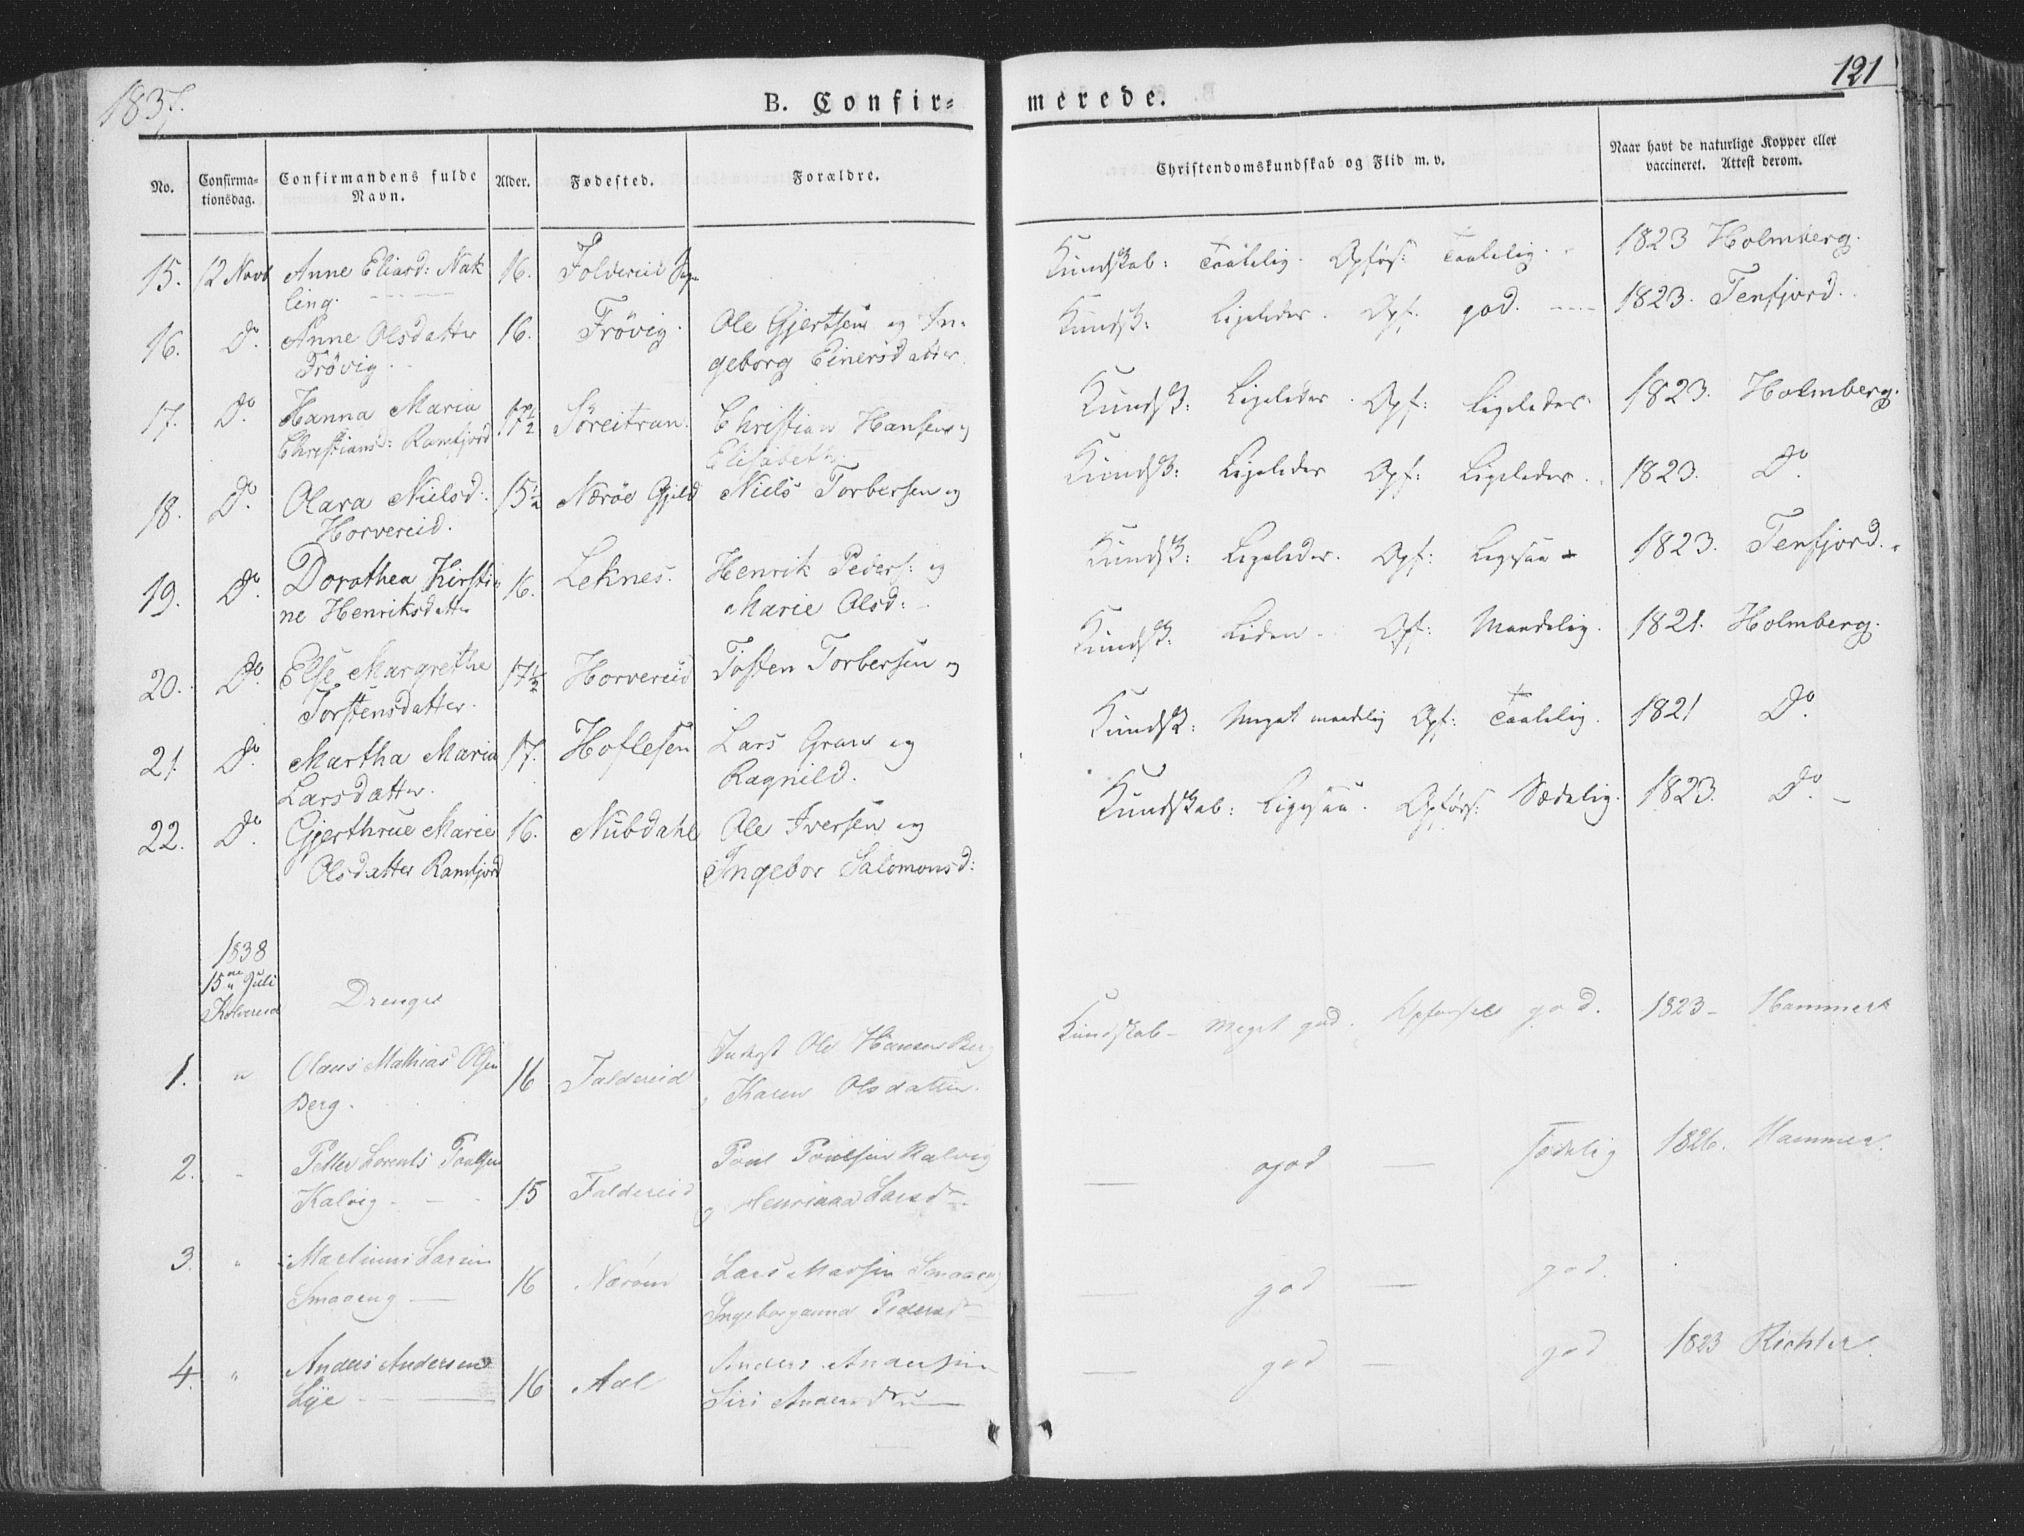 SAT, Ministerialprotokoller, klokkerbøker og fødselsregistre - Nord-Trøndelag, 780/L0639: Ministerialbok nr. 780A04, 1830-1844, s. 121